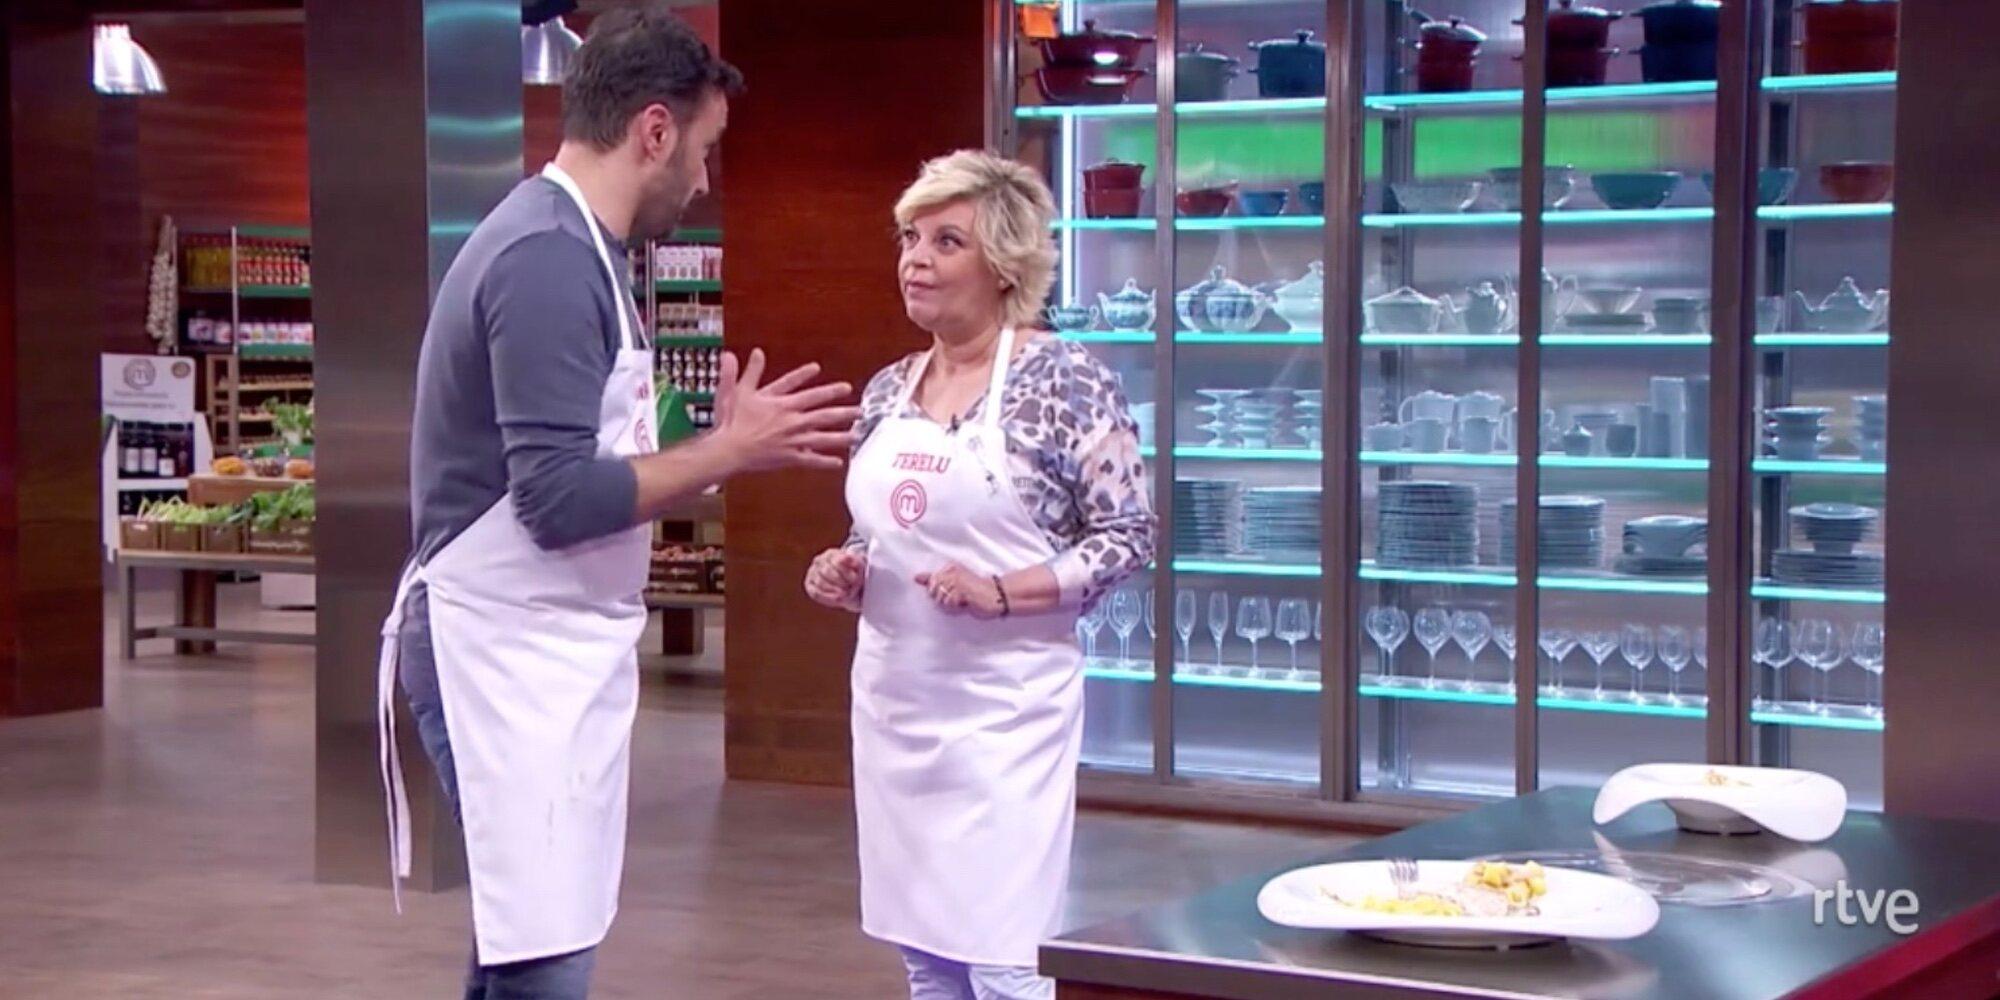 """El primer pique entre Terelu Campos y Juanma Castaño en 'Masterchef Celebrity': """"¿Tú qué sabes de mis novios?"""""""